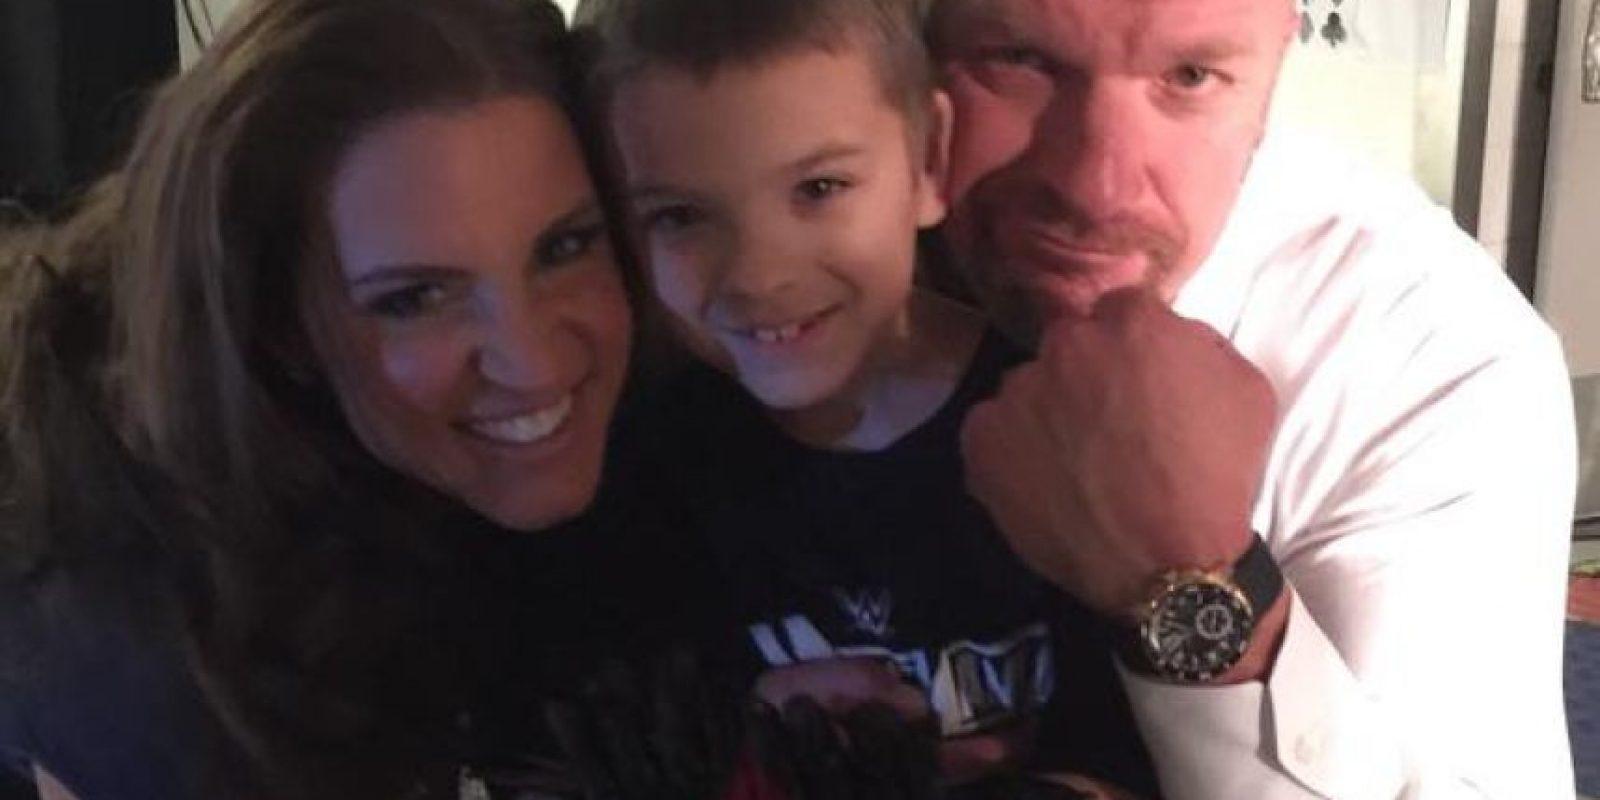 Elijah Mainville es el nuevo fichaje de la WWE. Foto:Vía twitter.com/StephMcMahon